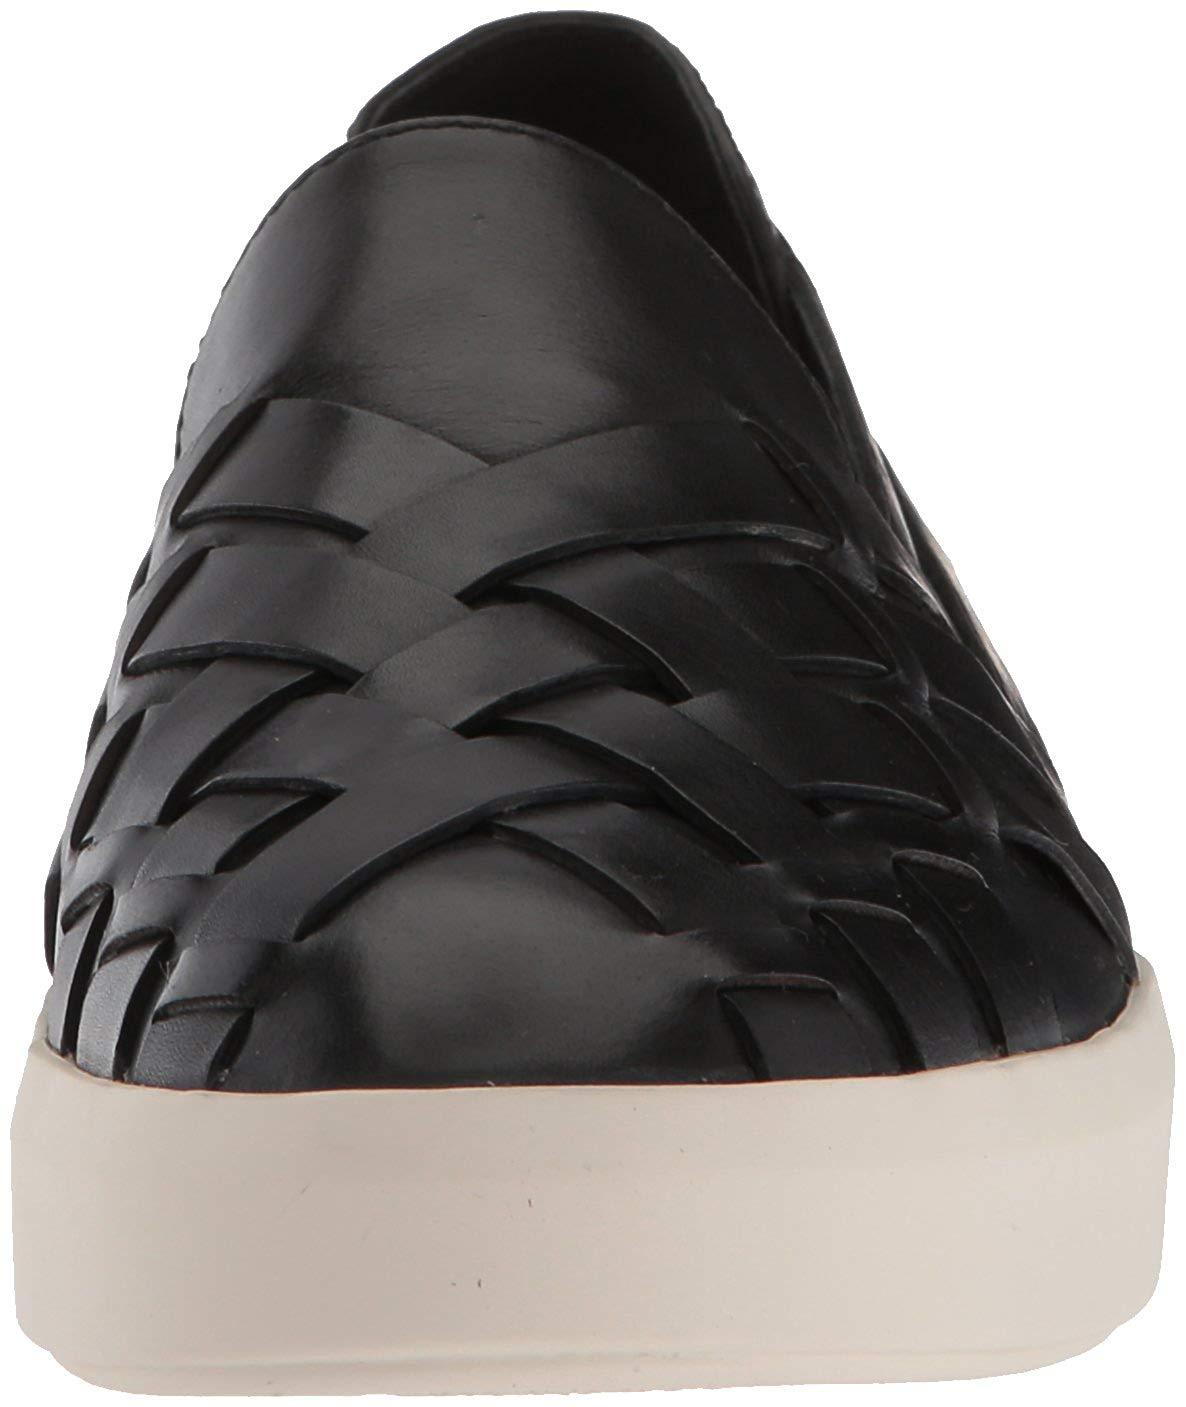 FRYE Women's Brea Huarache Slip on